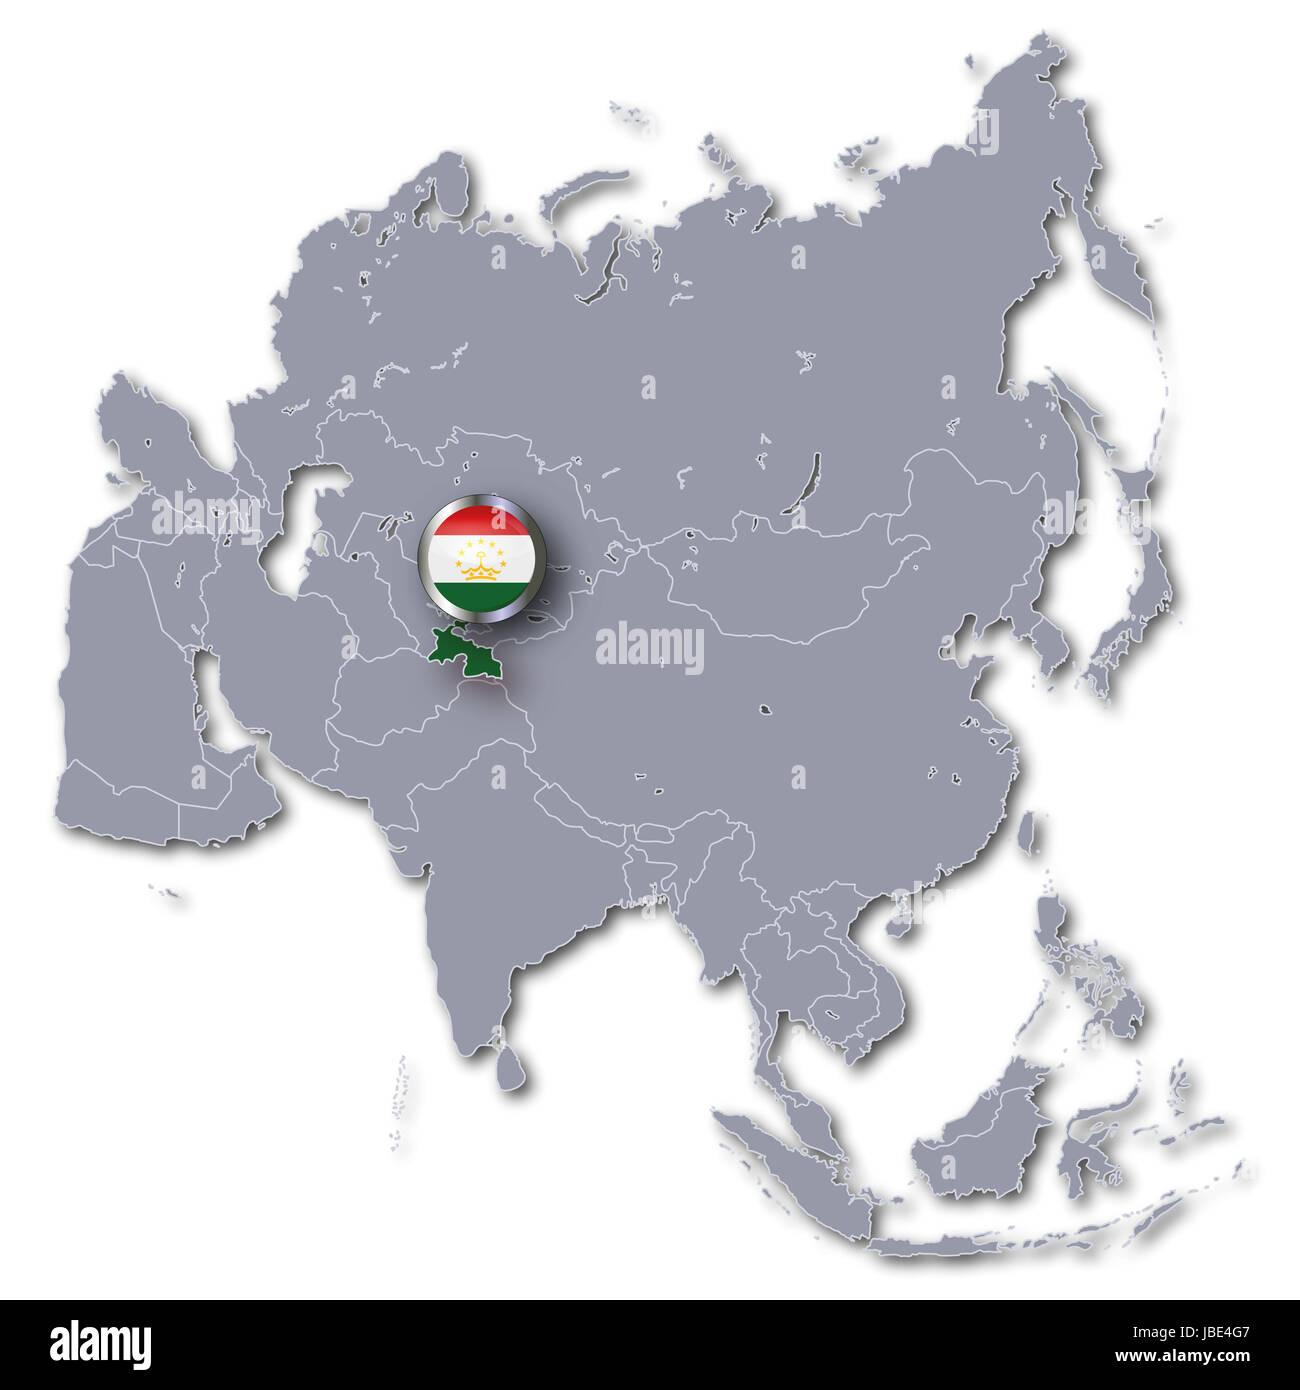 asia map with tajikistan Stock Photo: 144755079 - Alamy